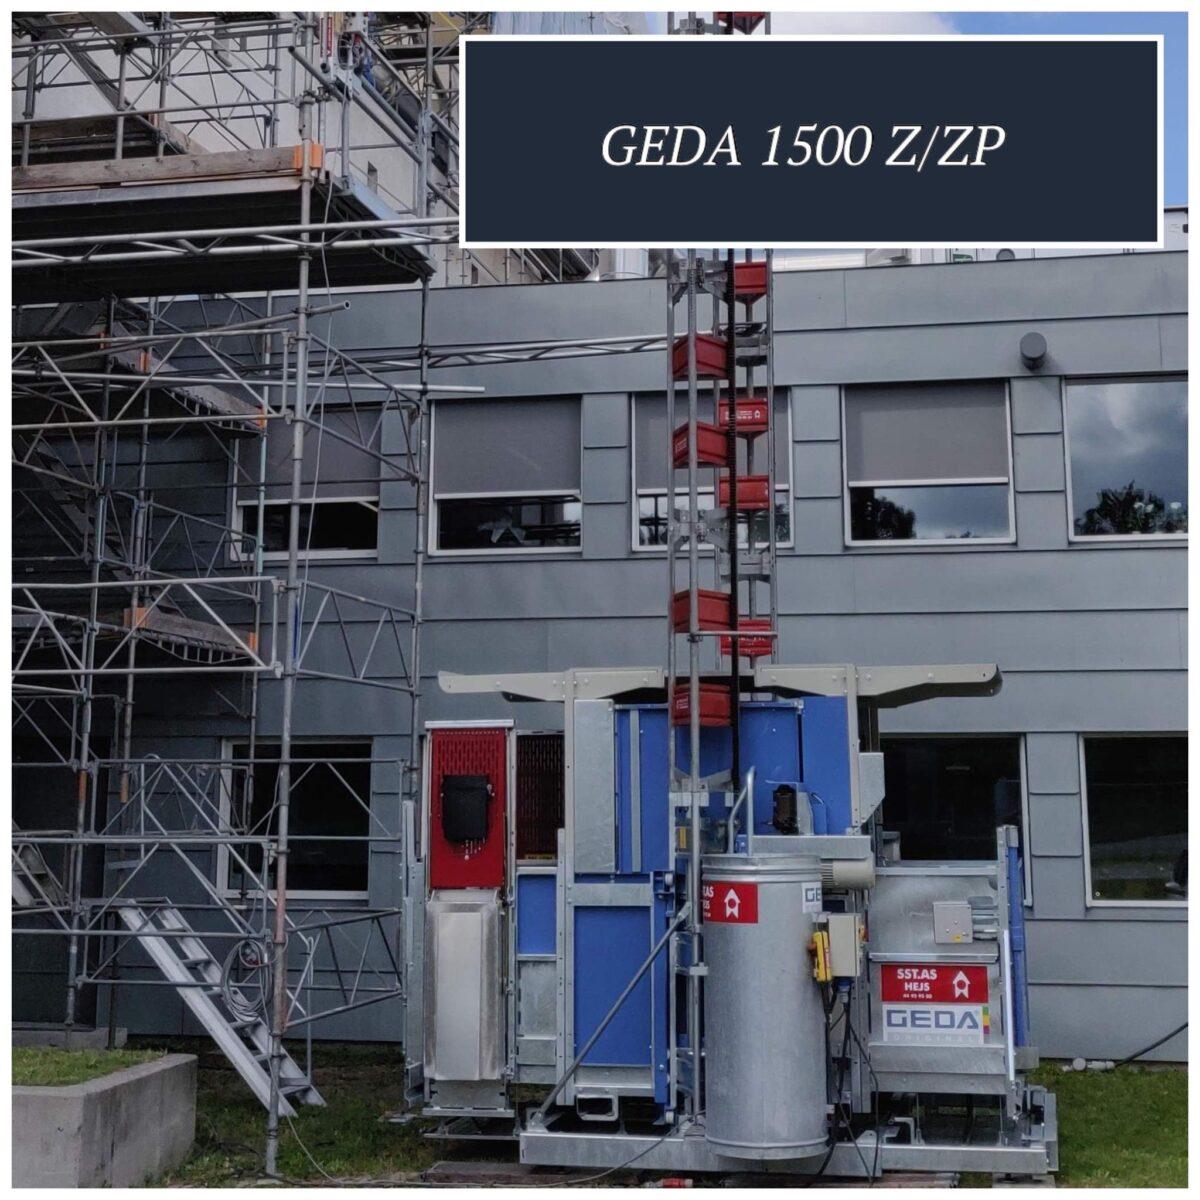 GEDA 1500 Z ZP er et stærkt hejs, der kan løfte meget og mange. Hejset har en løftekapacitet på 2 ton